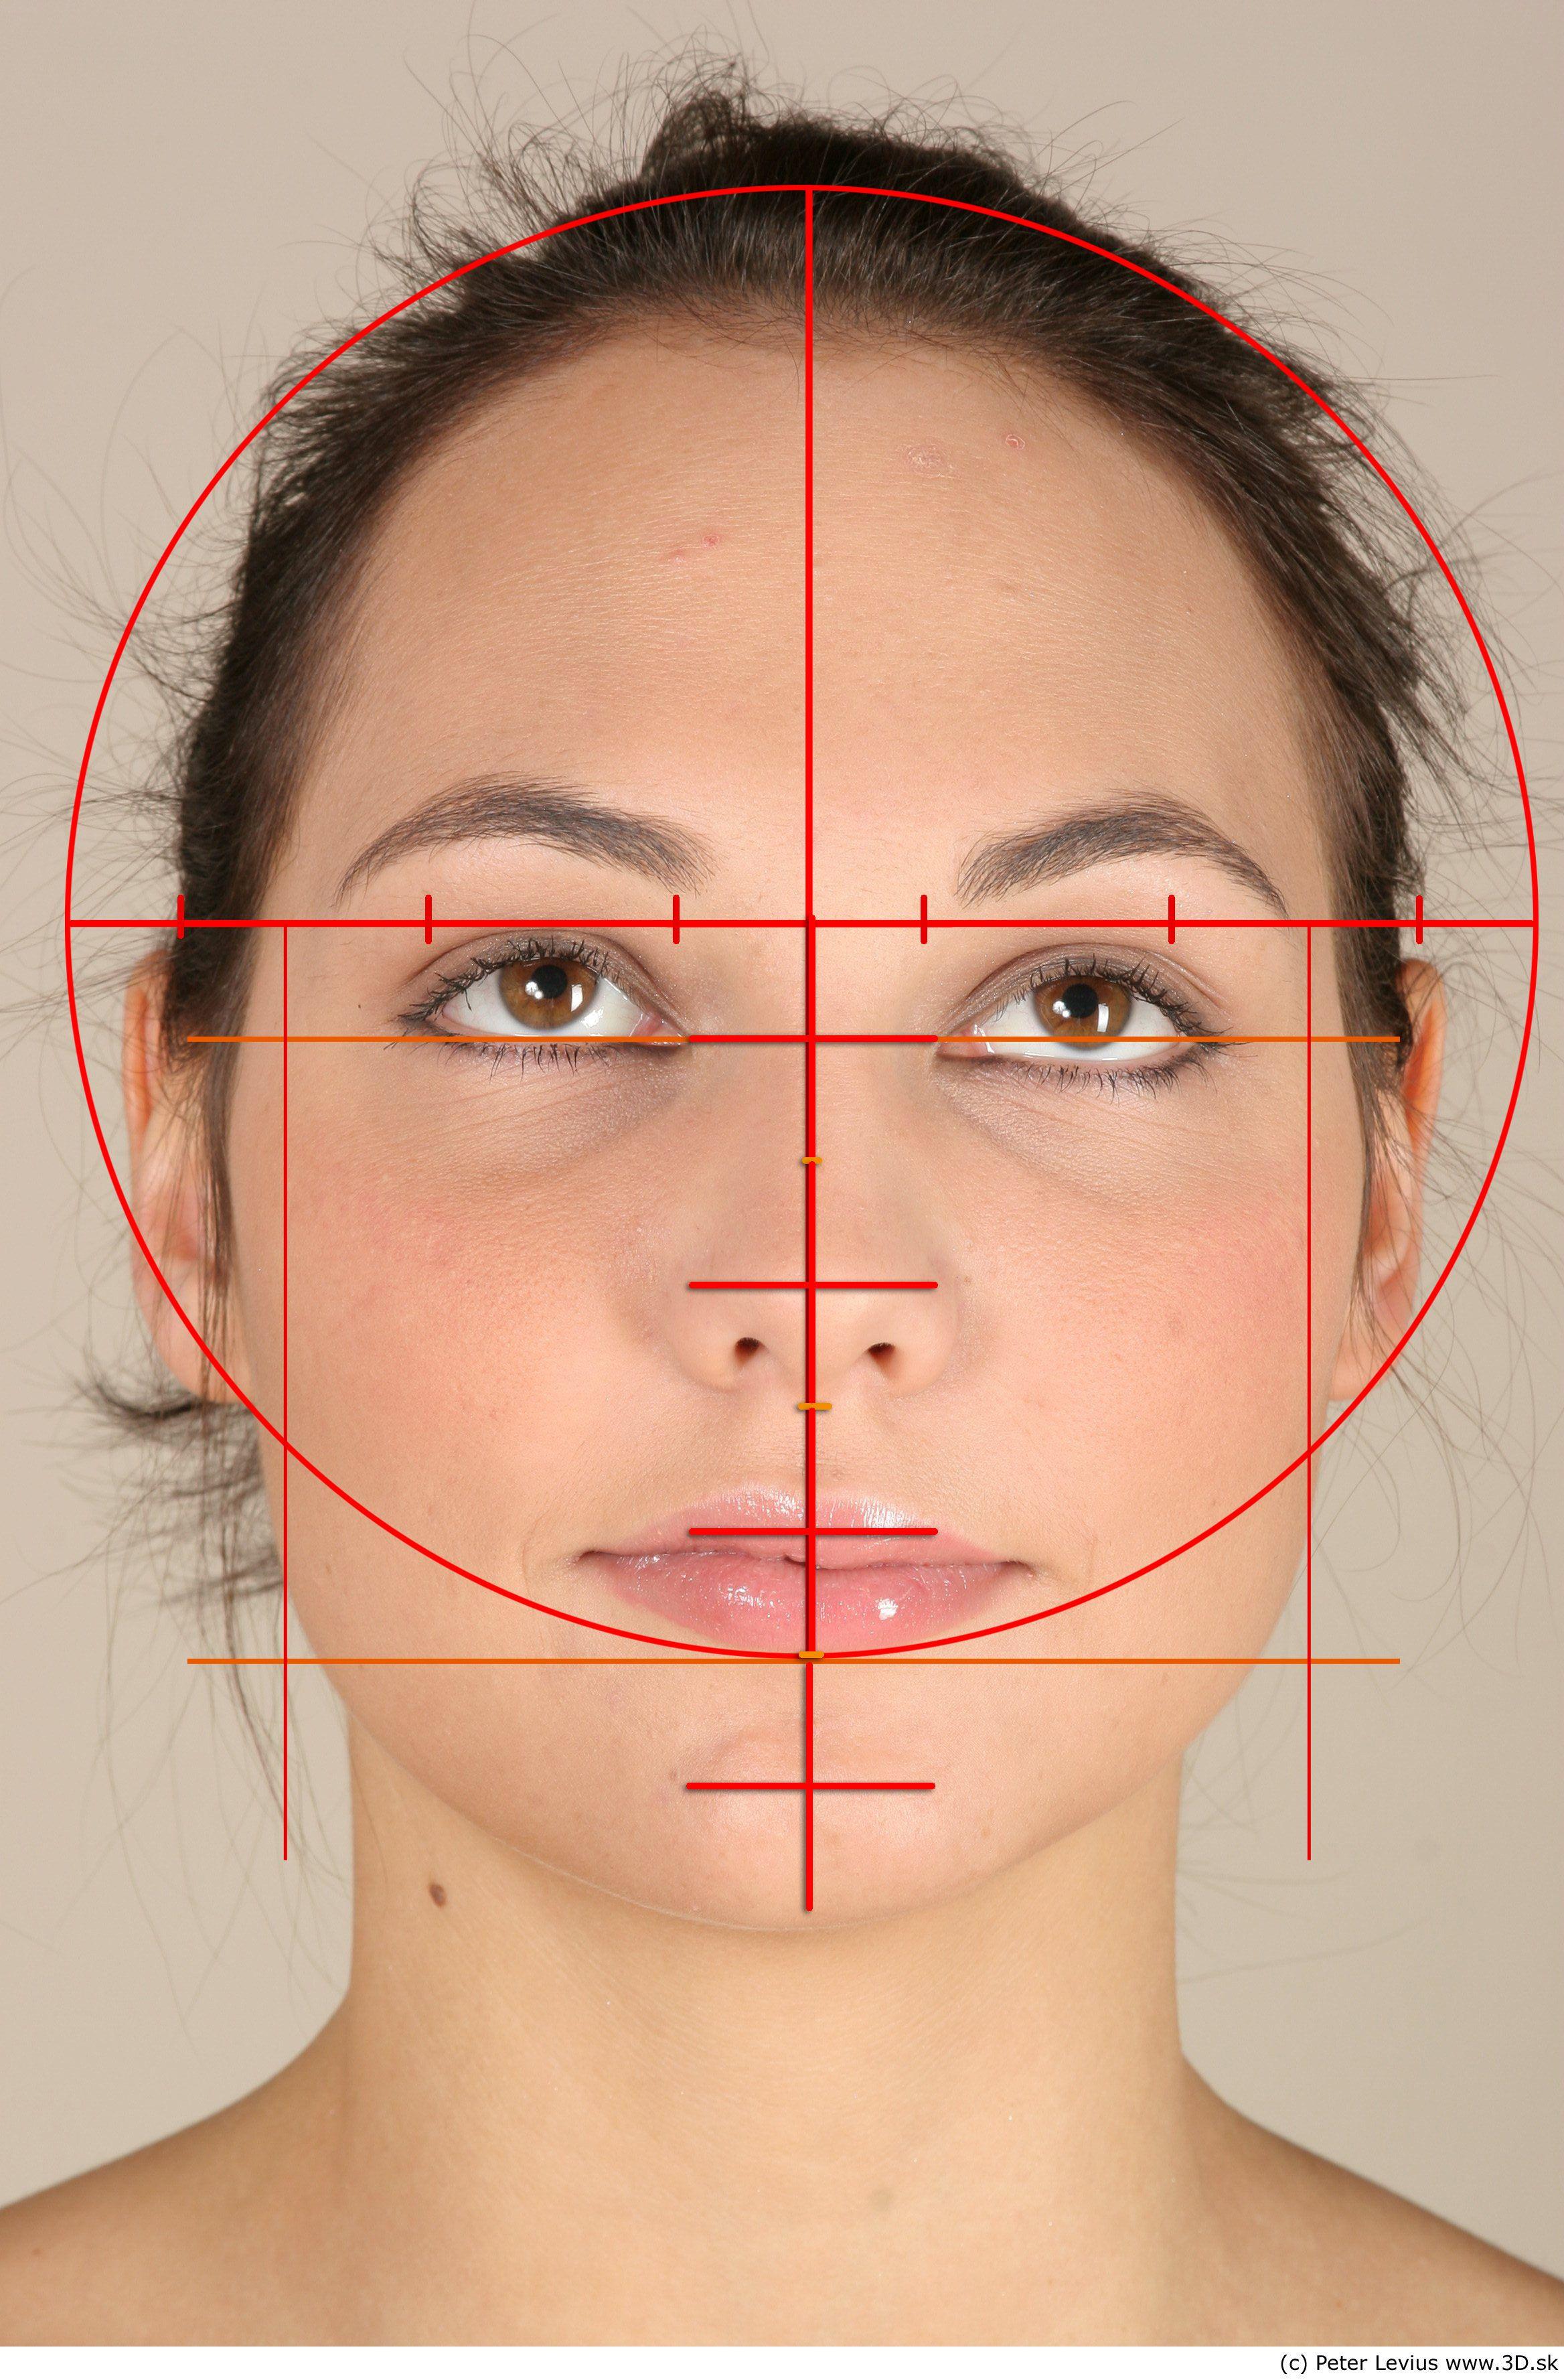 como dibujar un rostro proporciones - Buscar con Google | Dibujo ...